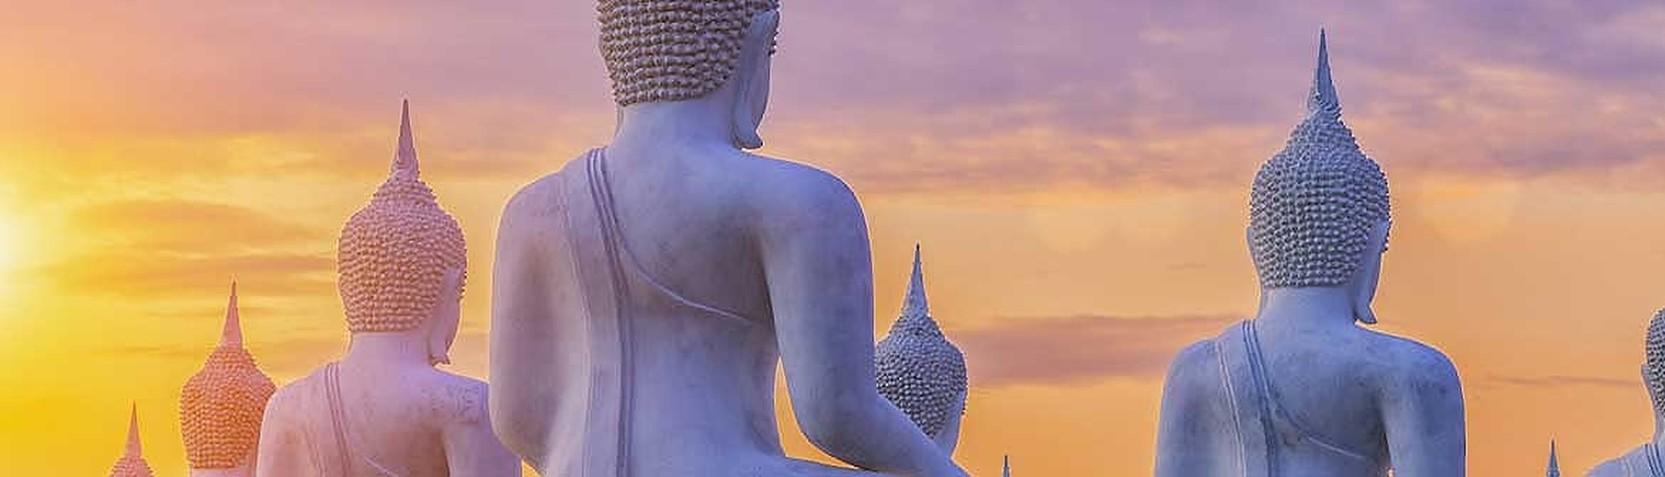 Fotografía - Religión y espiritualidad